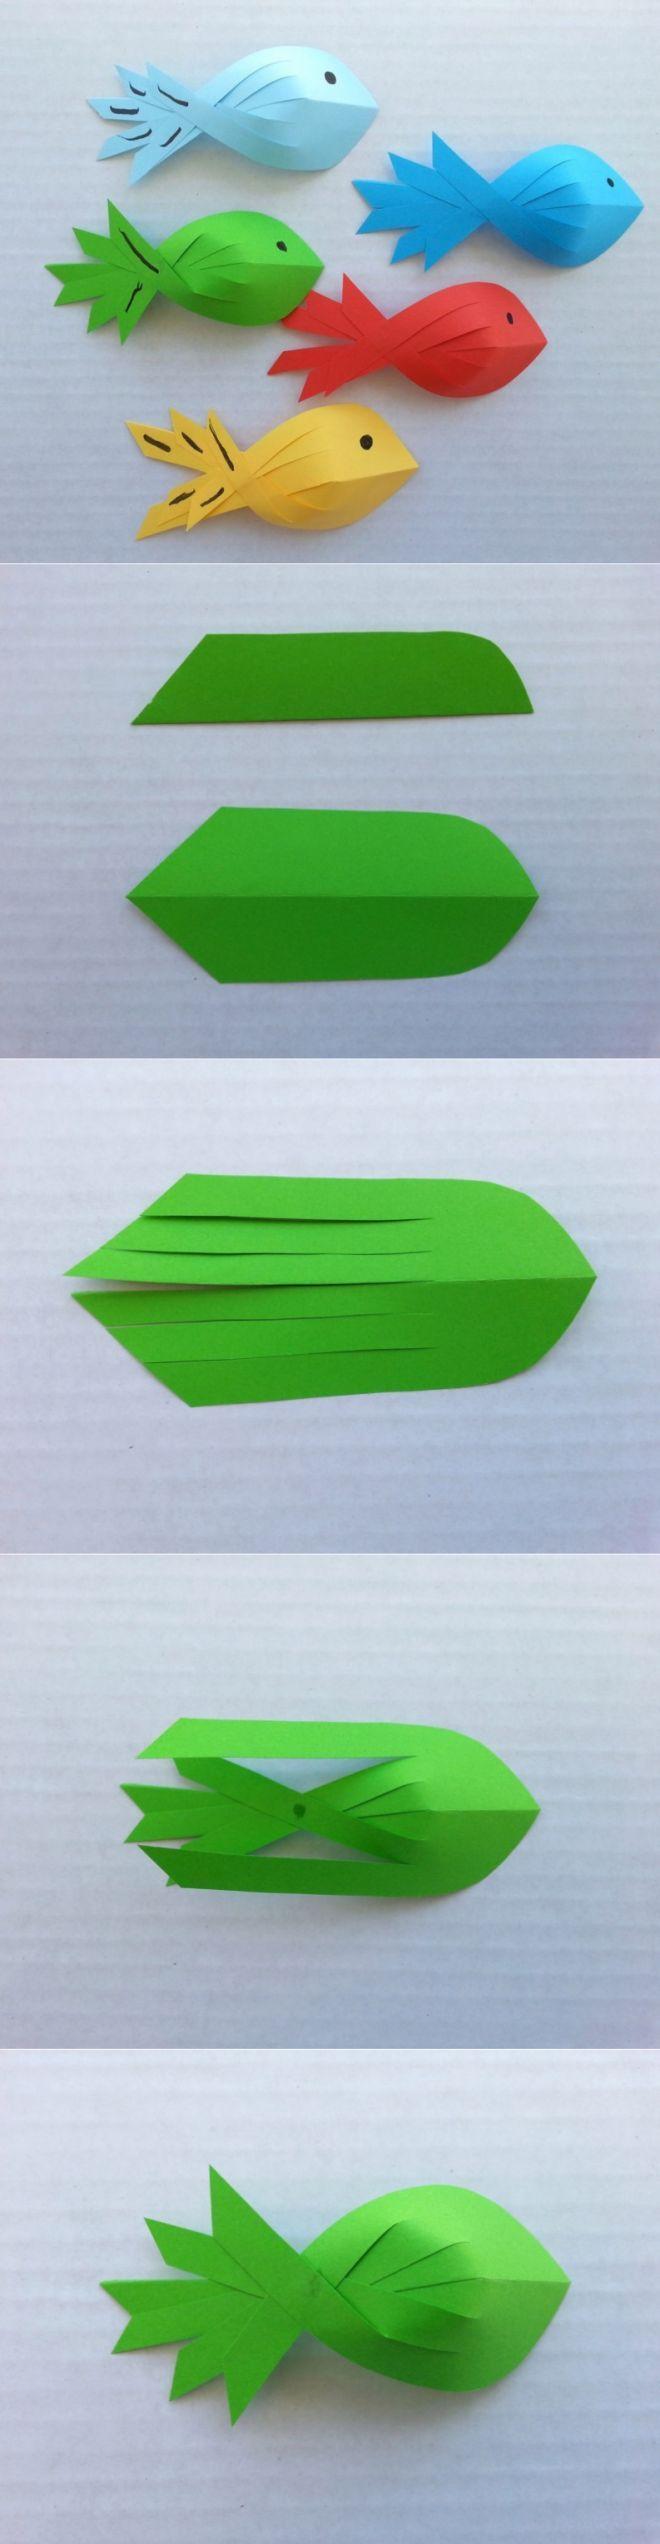 Поделки из бумаги в пинтерест